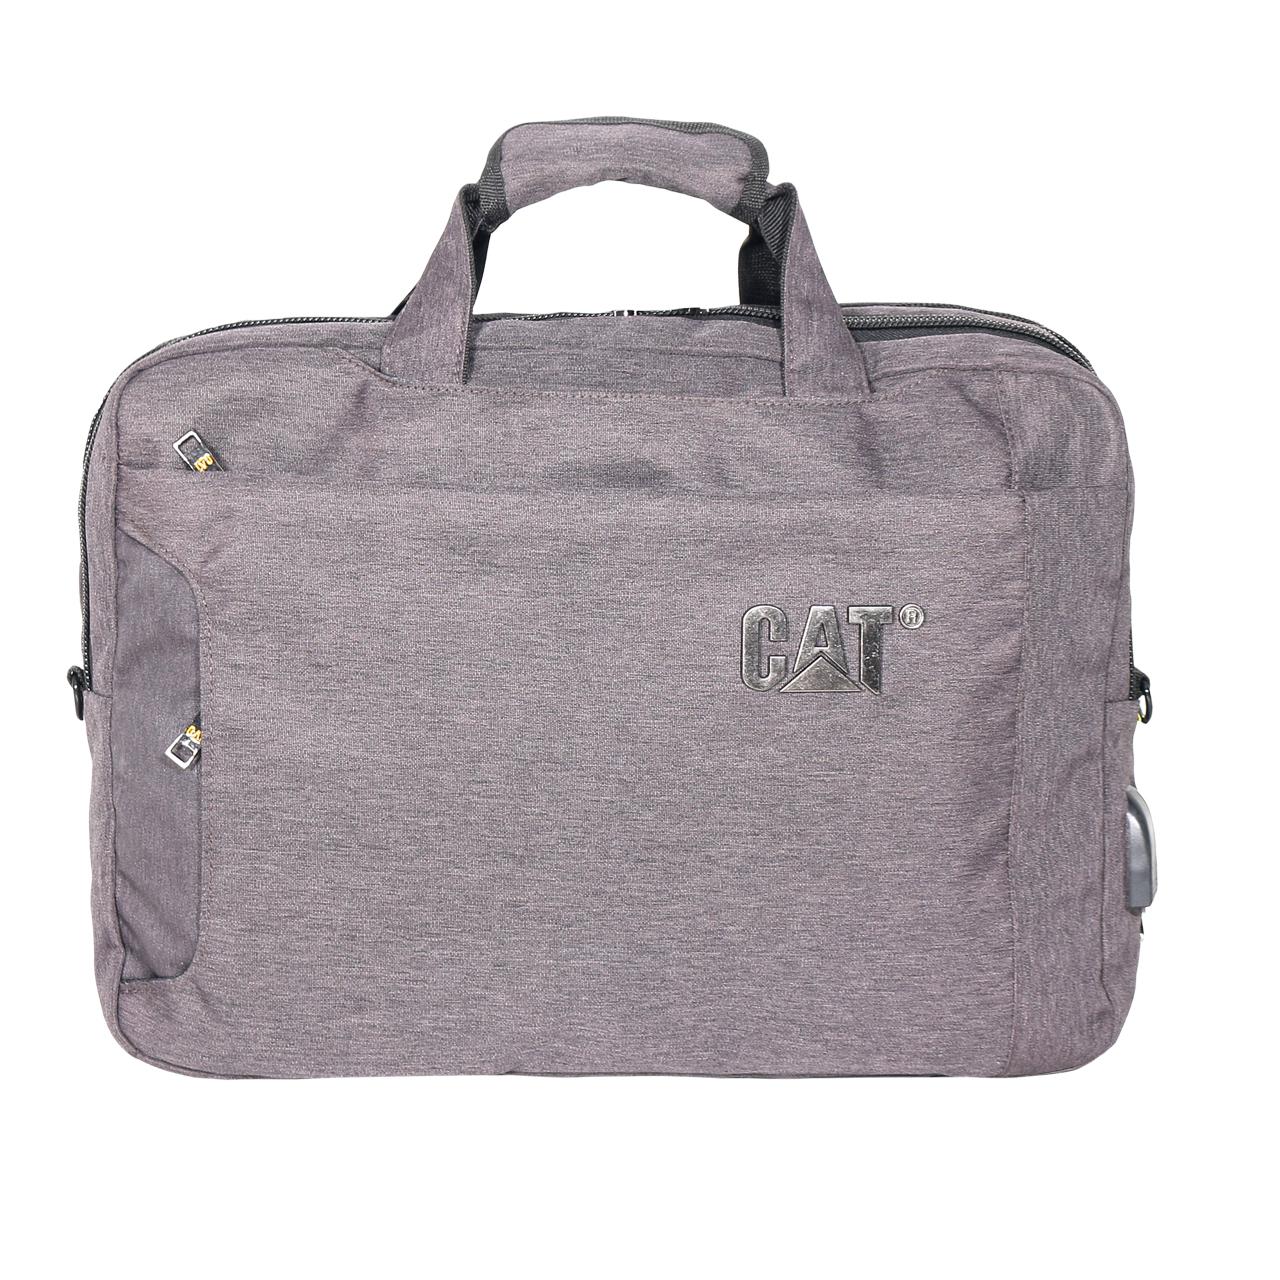 کیف لپ تاپ مدل M135 مناسب لپ تاپ 15 اینچی